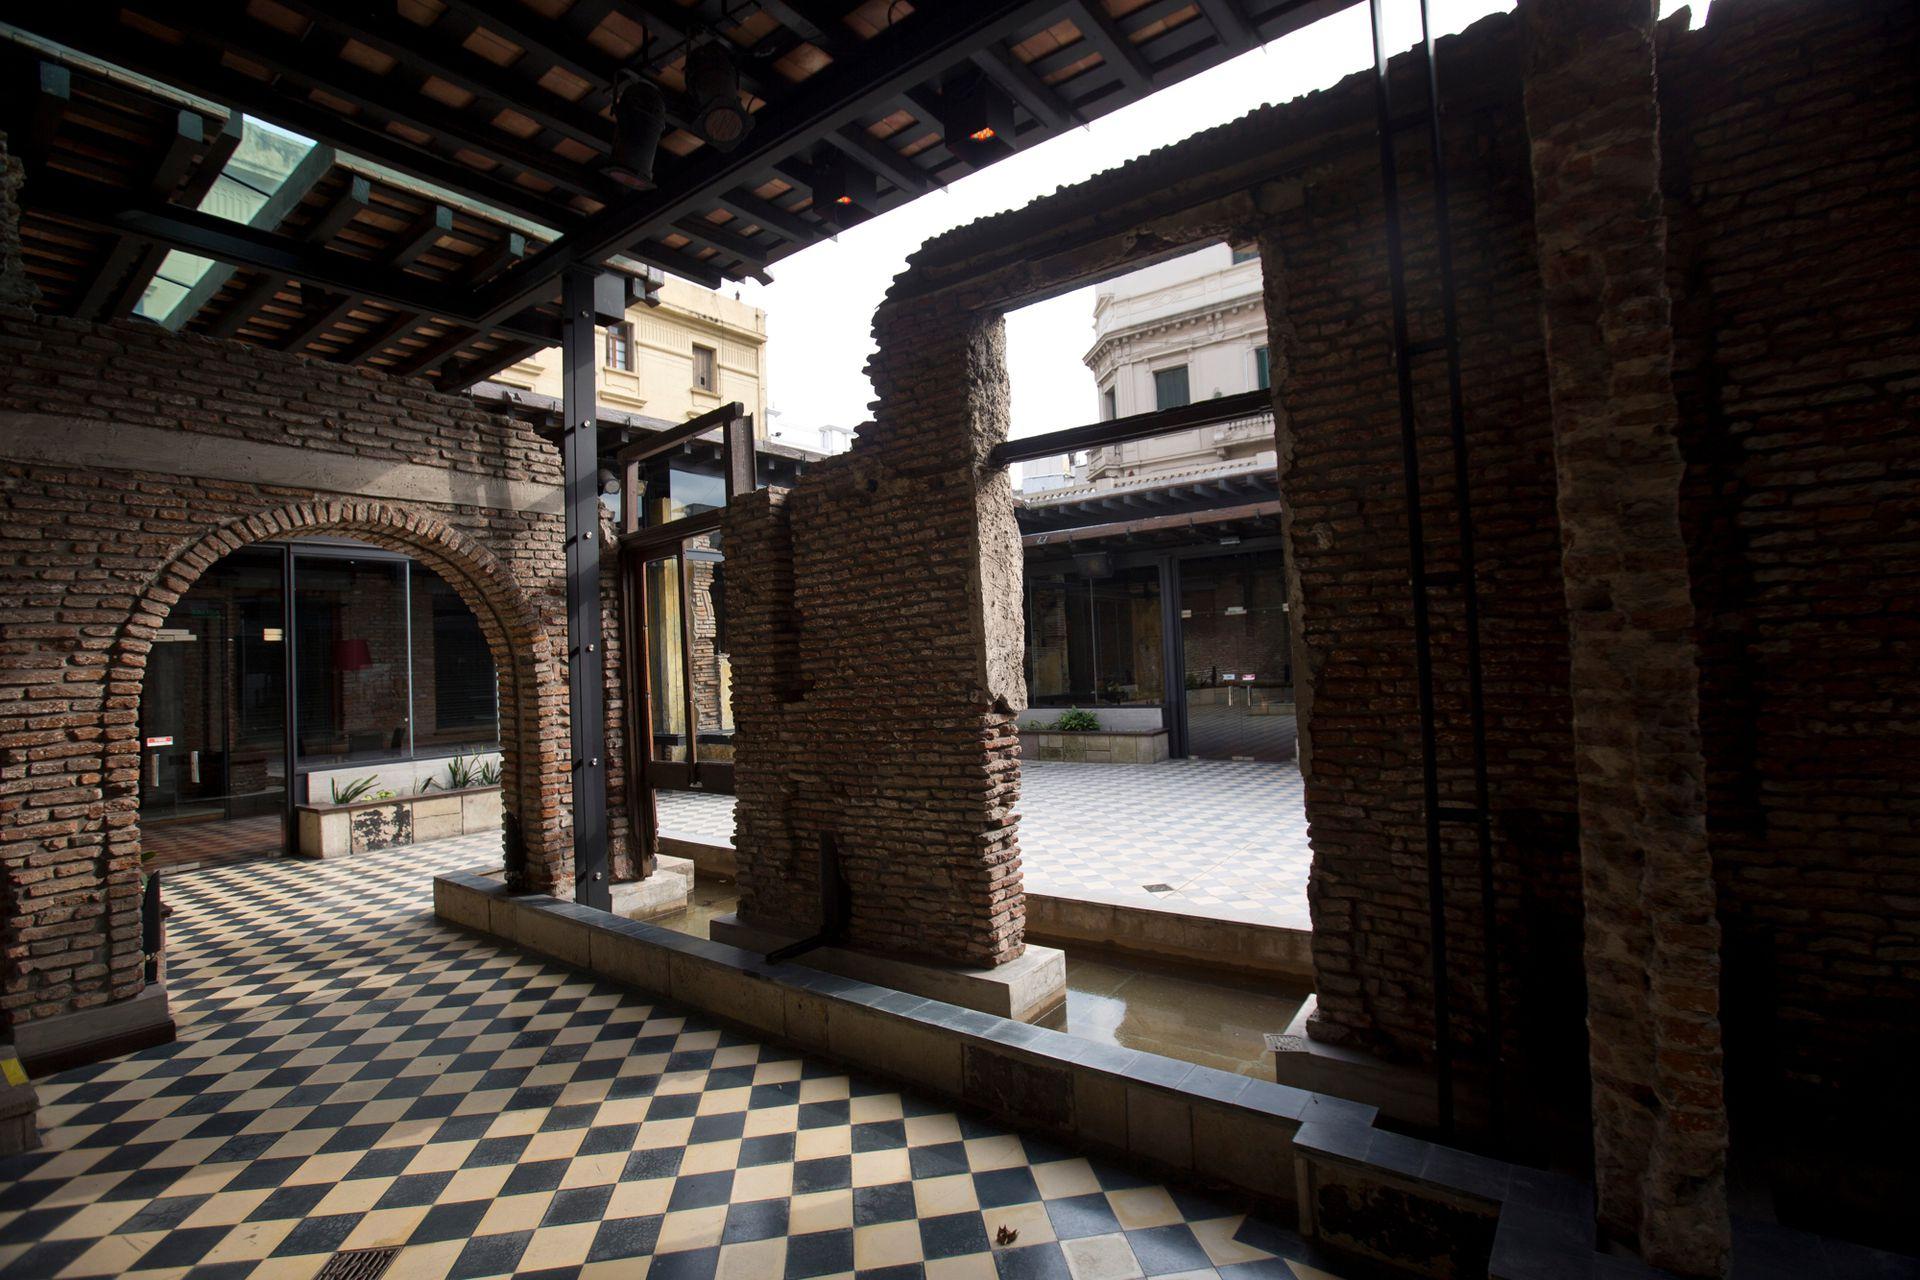 En ruinas y tapiada, Jorge Eckstein adquirió la primera propiedad del complejo, que había funcionado como conventillo hasta los primeros años de la década del ´70